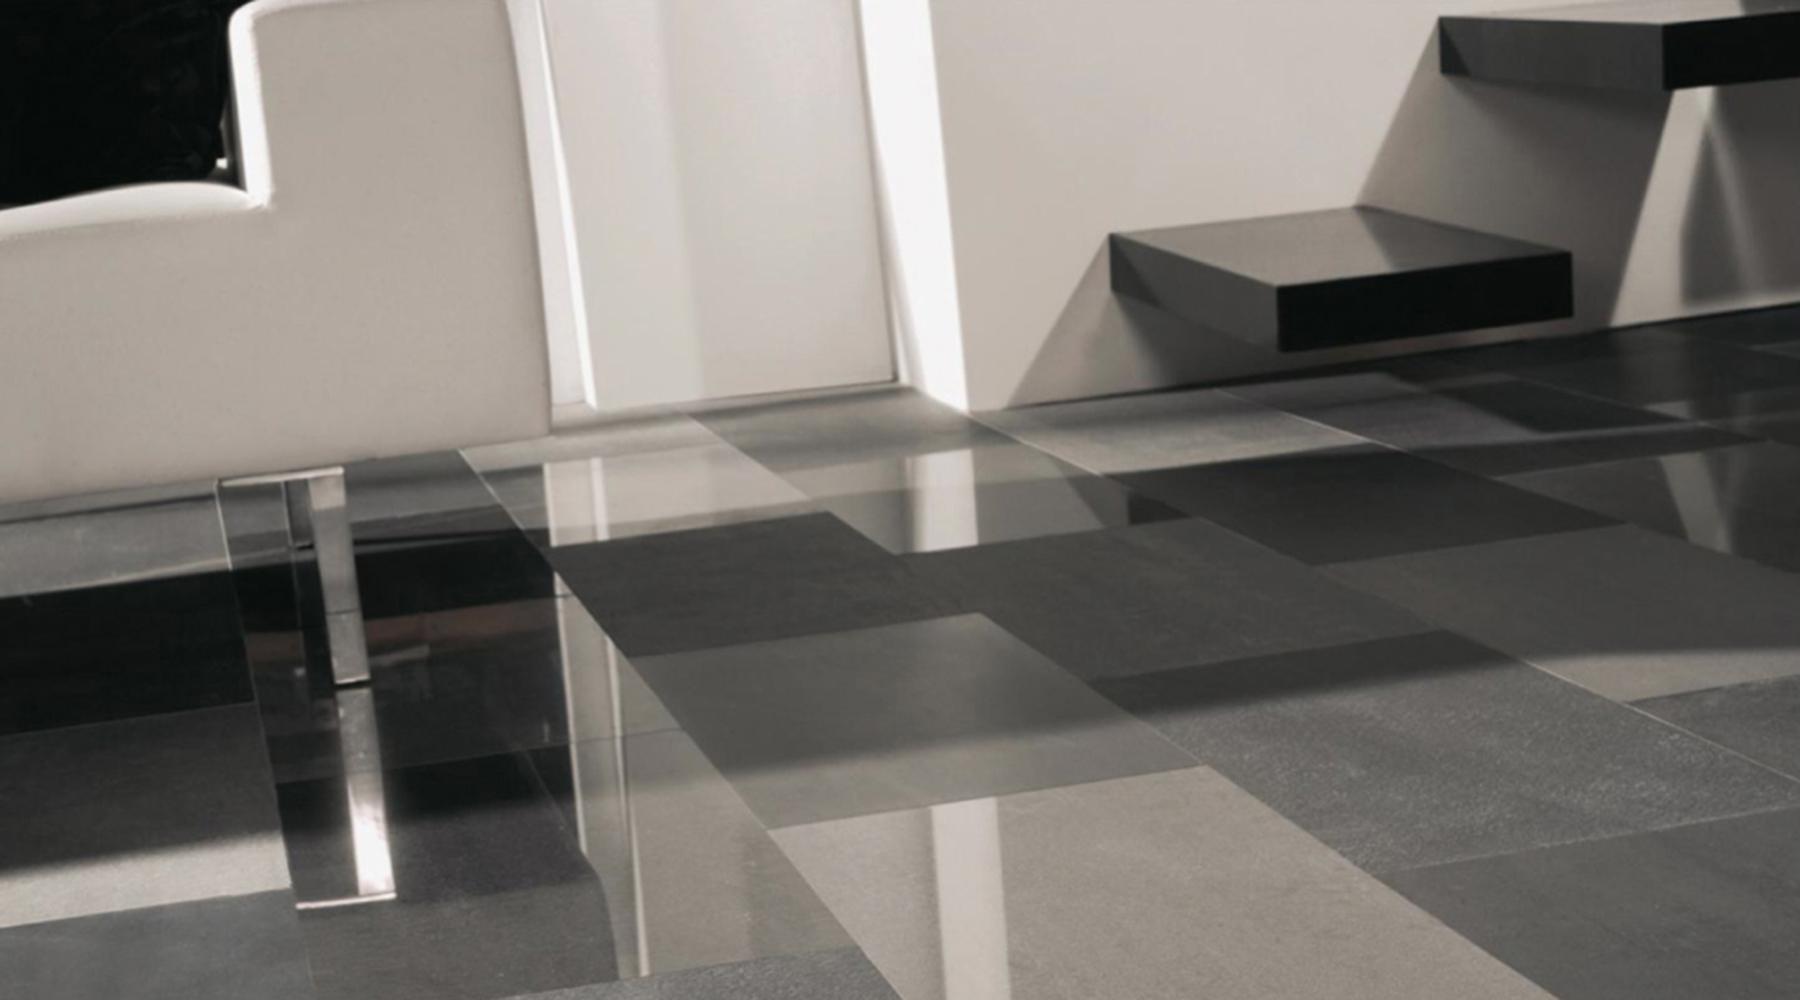 Muebles para piso completo ideas de disenos - Muebles piso completo ...